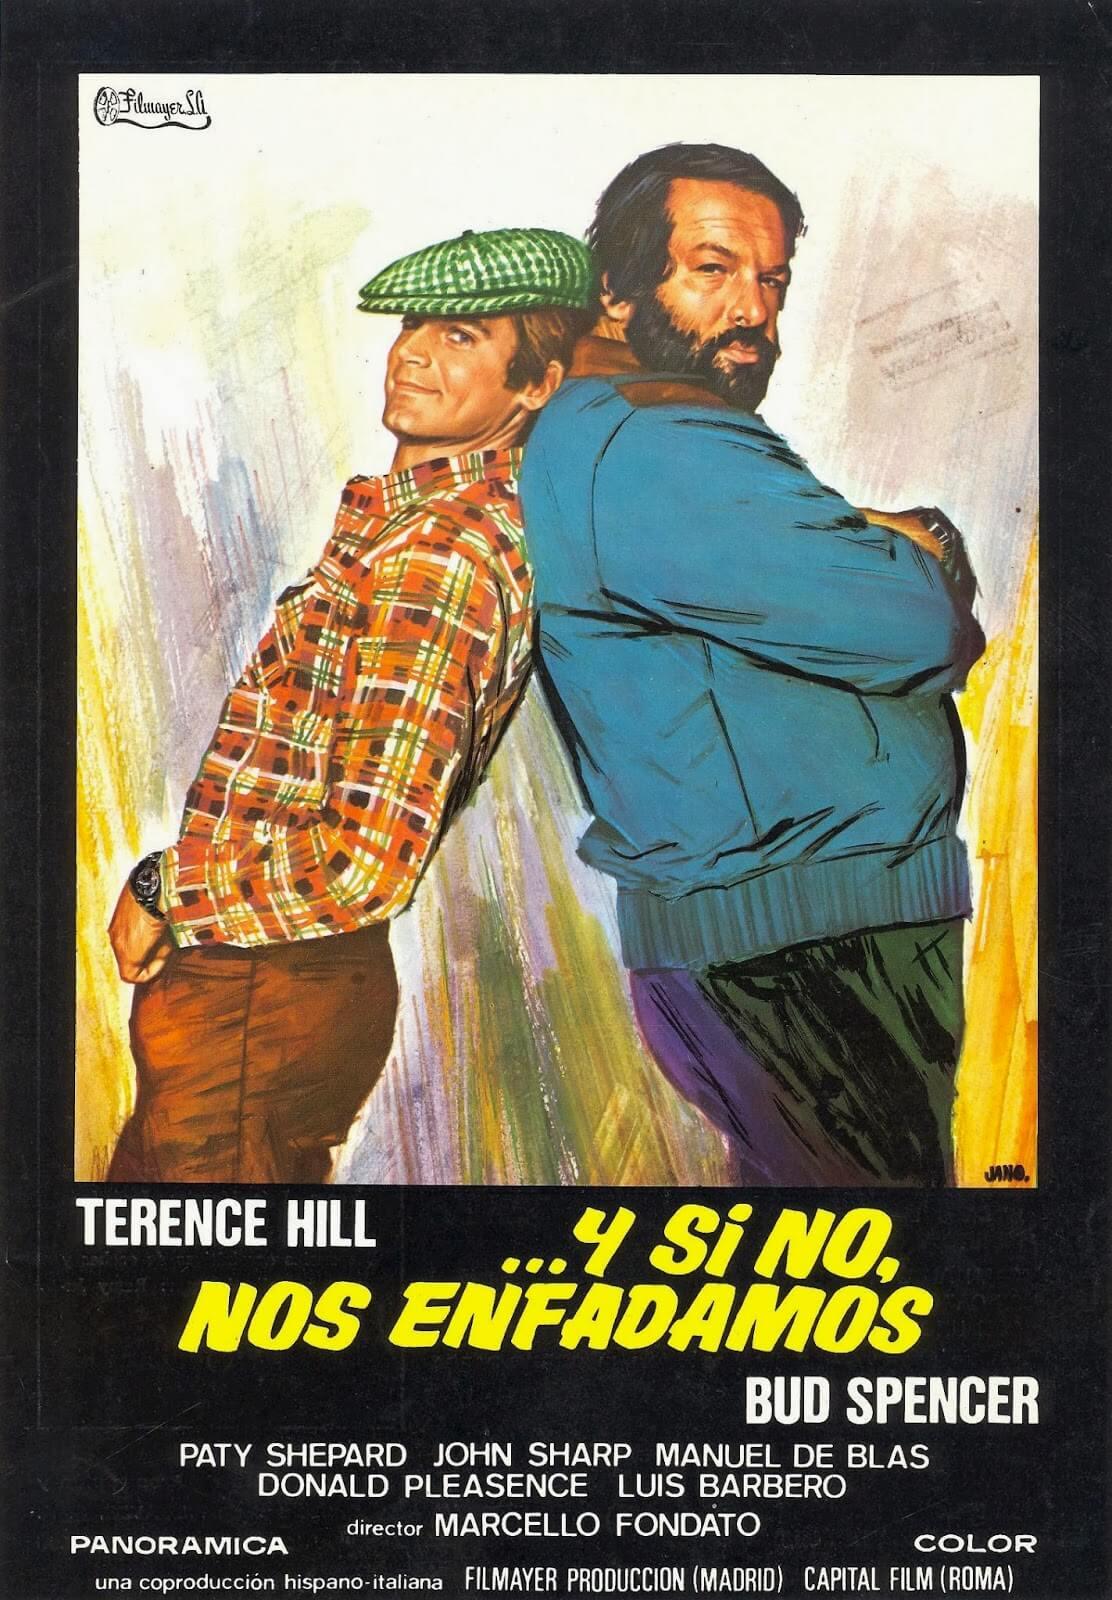 Y si no, nos enfadamos (Marcello Fondato, 1974)